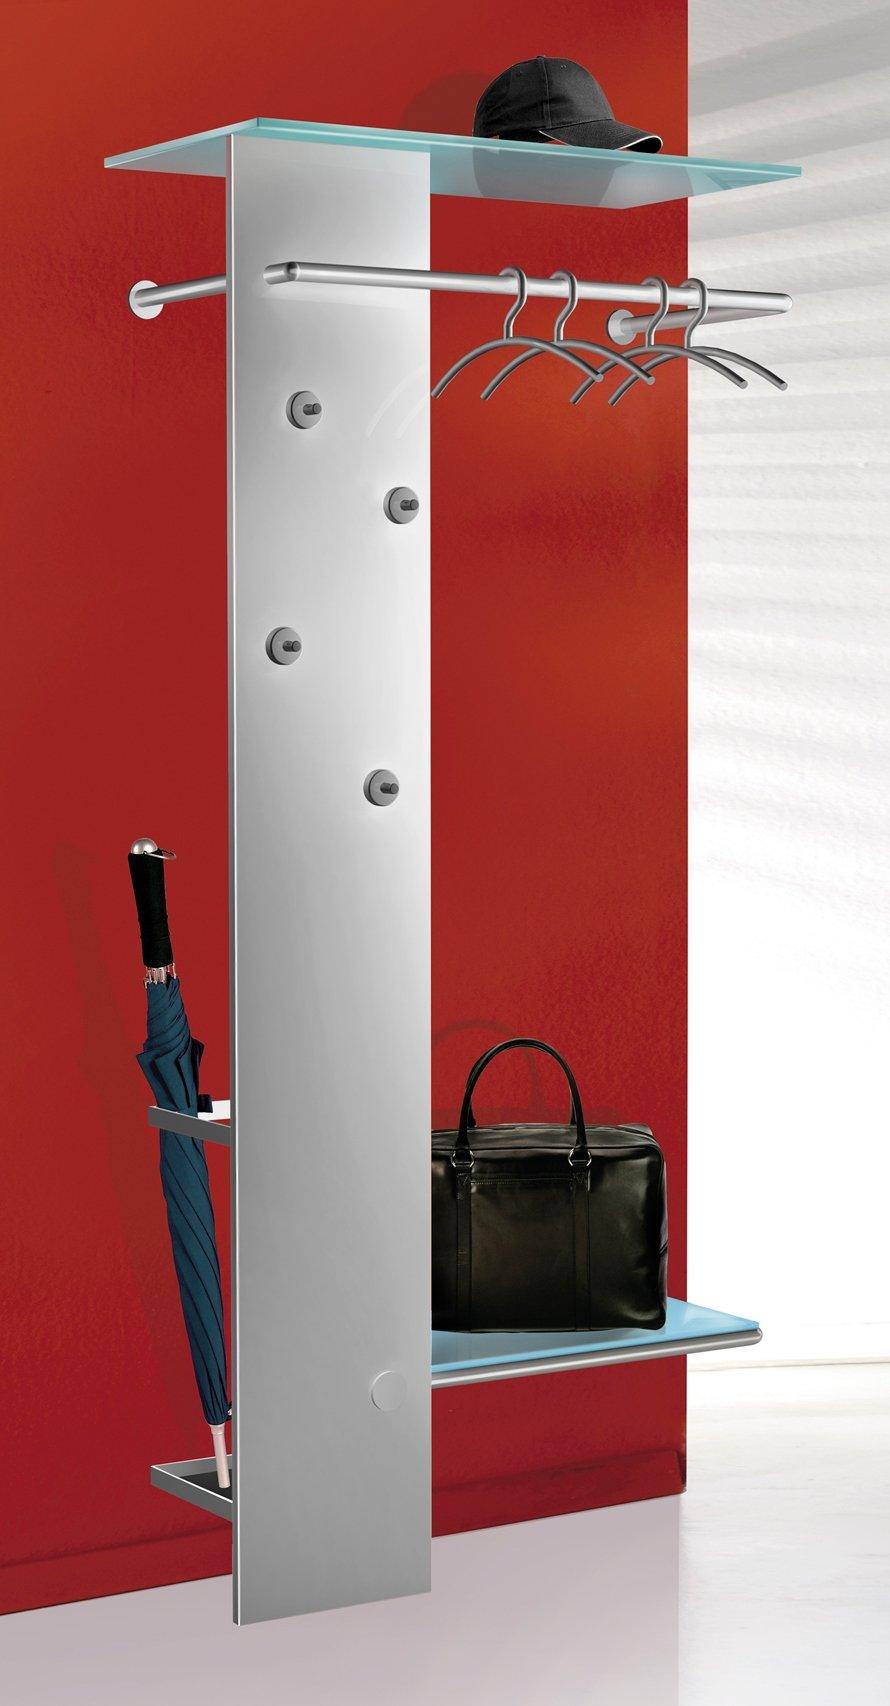 Wandgarderobe Glas Satiniert.Moderne Metall Wandgarderobe Mit Beweglichen Kleiderhaken